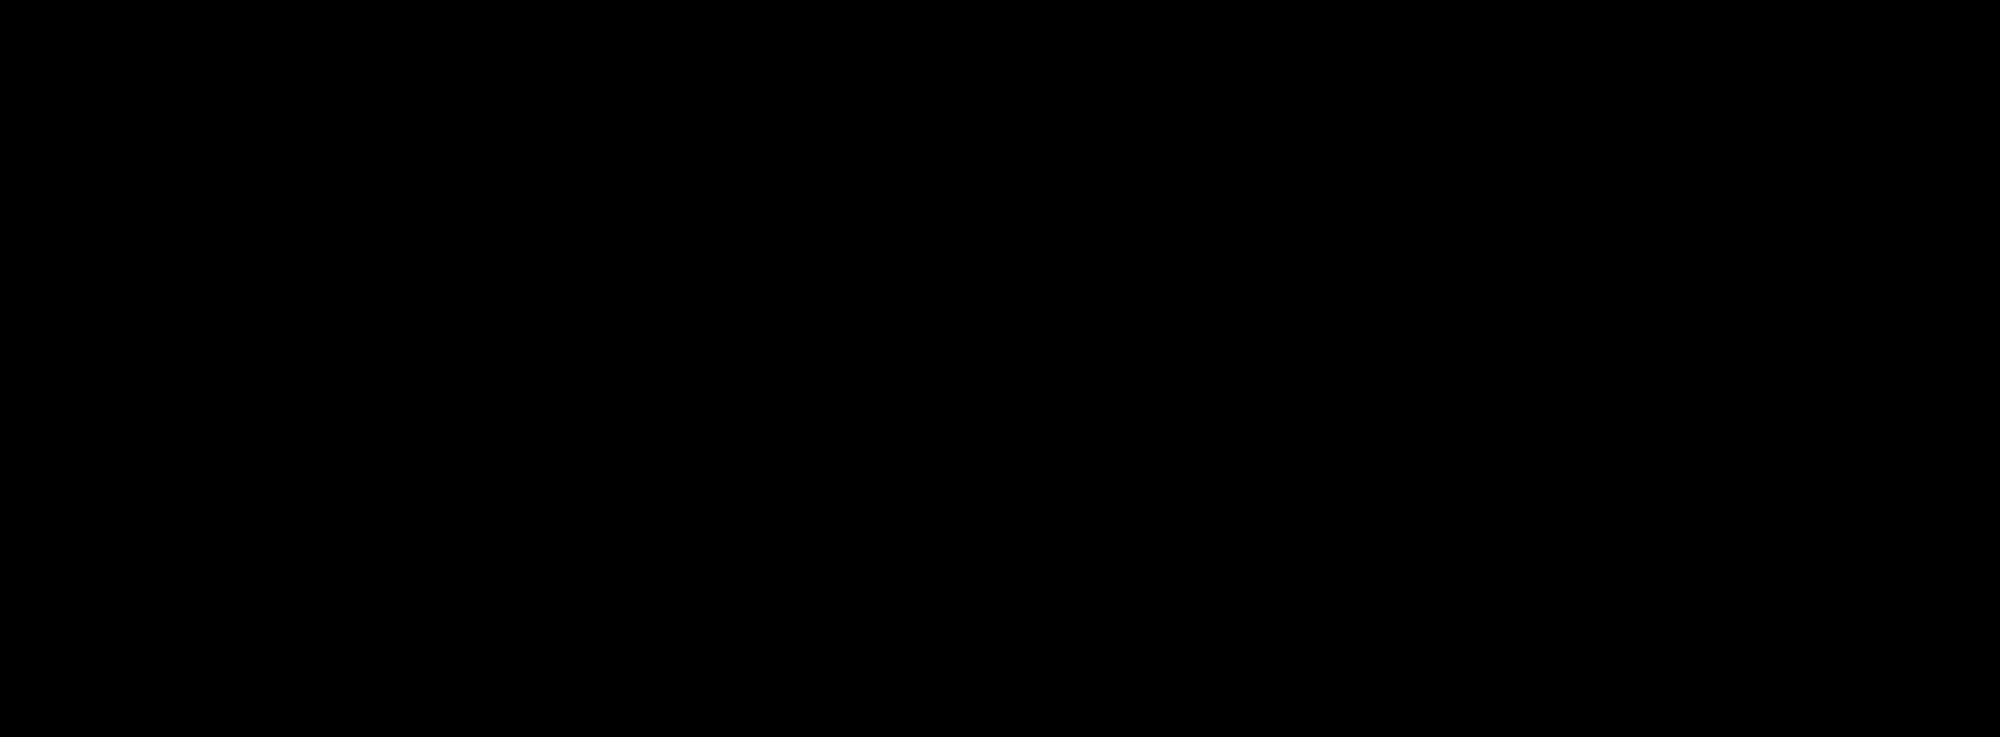 Naturally Healthy-logo-black.png